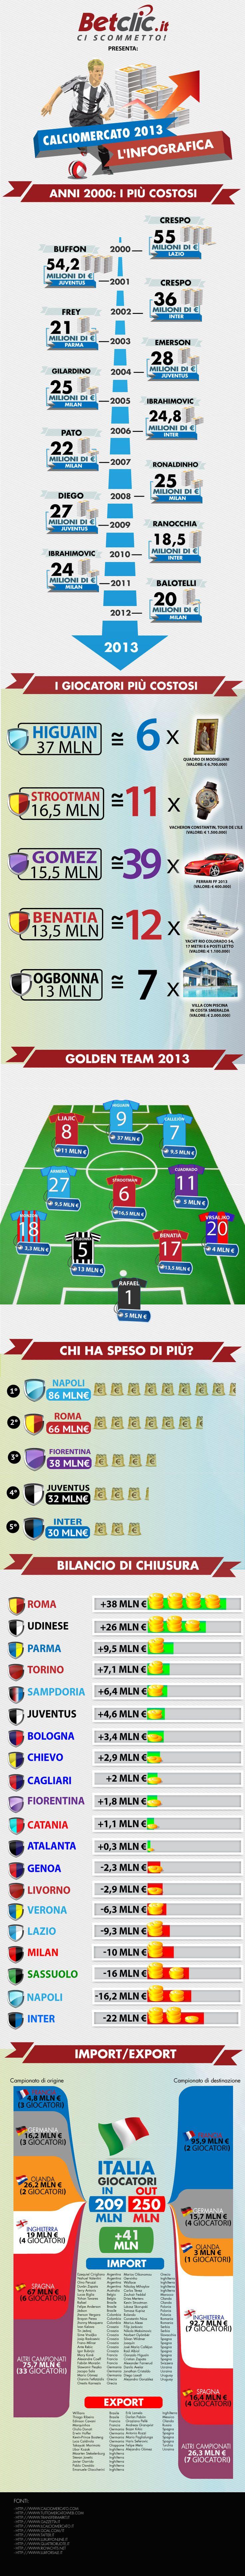 Infografica Calciomercato 2013 a cura di Betclic.it